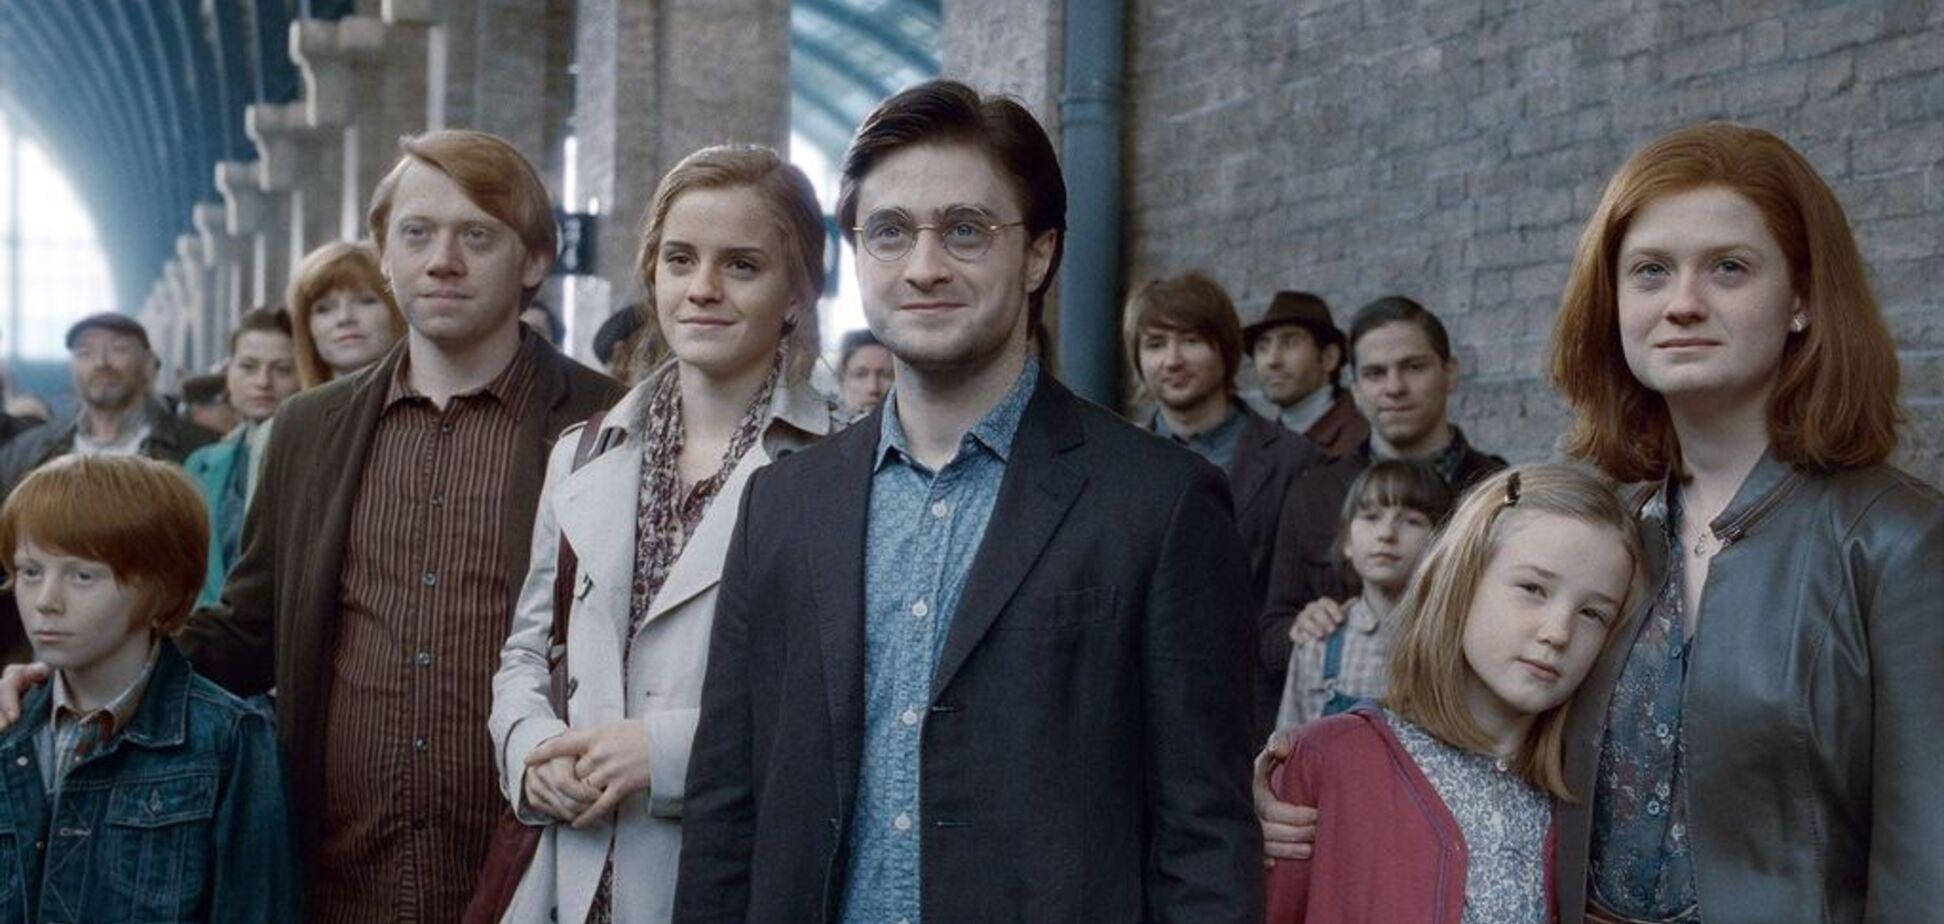 Звезда 'Гарри Поттера' разделась на камеру: как сейчас выглядит